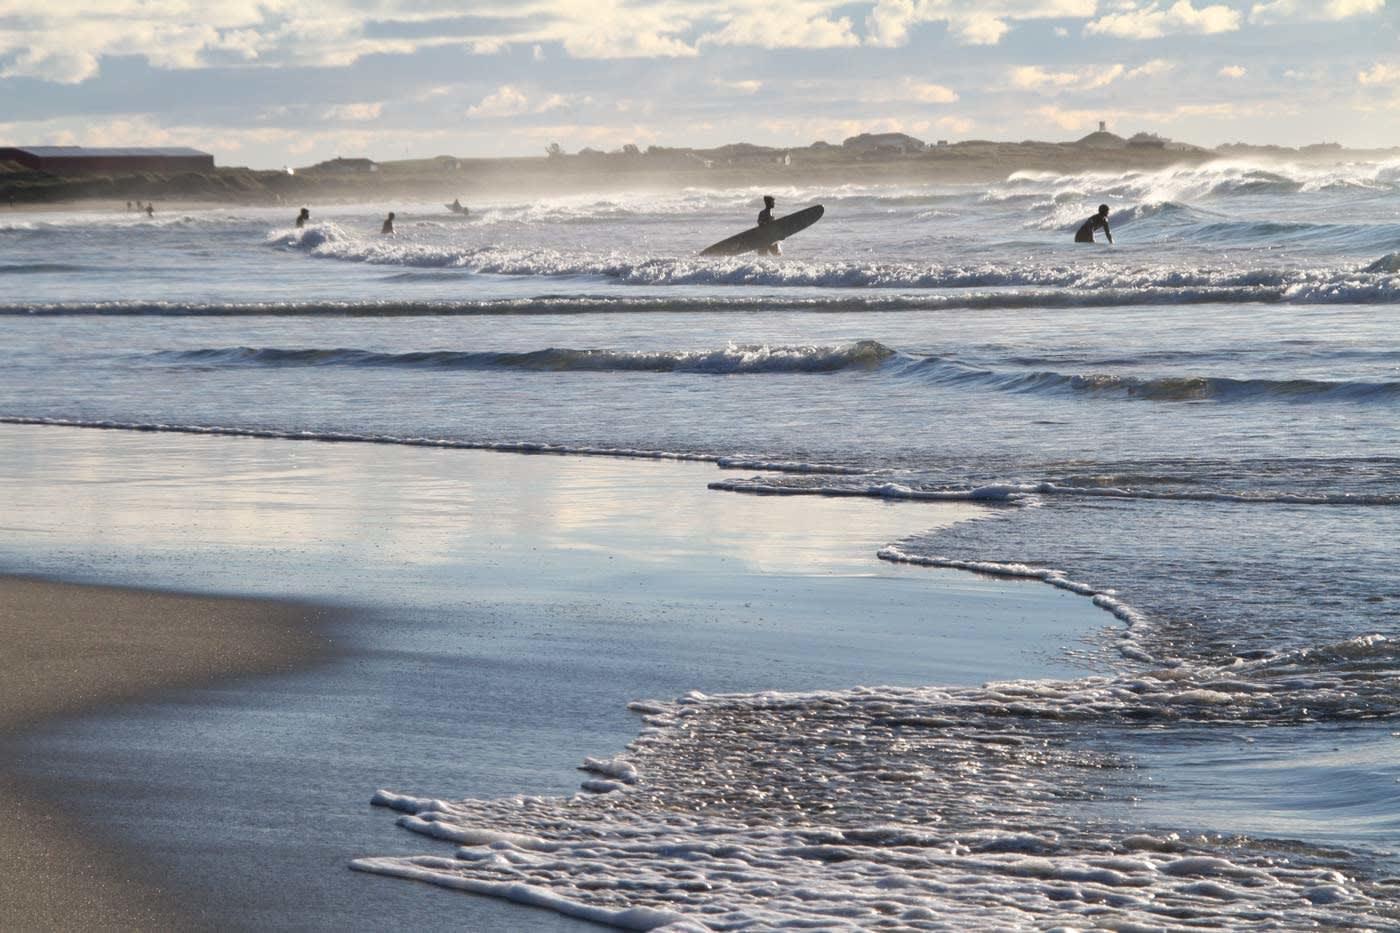 JÆREN: Jæren byr på bølger til alle nivåer og aldersgrupper surfere. Foto: Audun Holmøy Røhrt